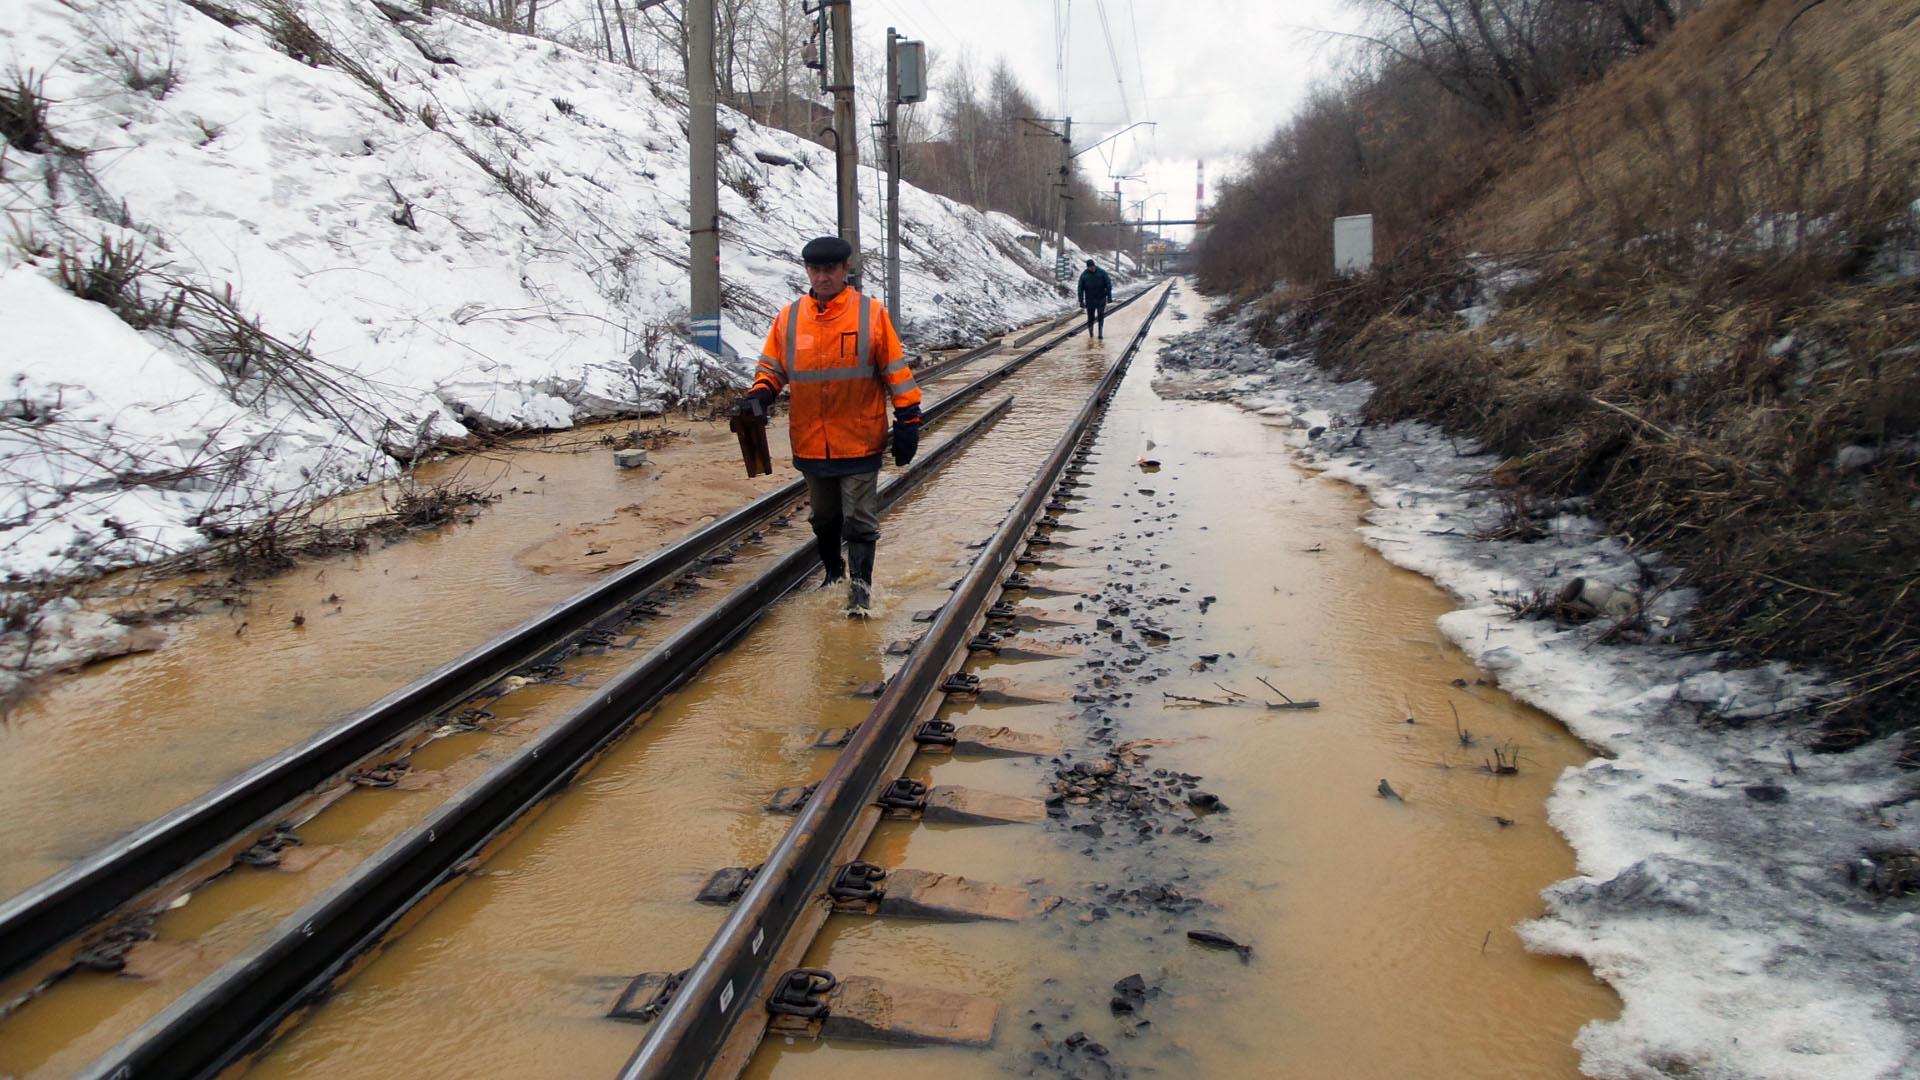 Движение перекрыли: из-за прорыва трубы затопило железнодорожные пути возле Турбинной